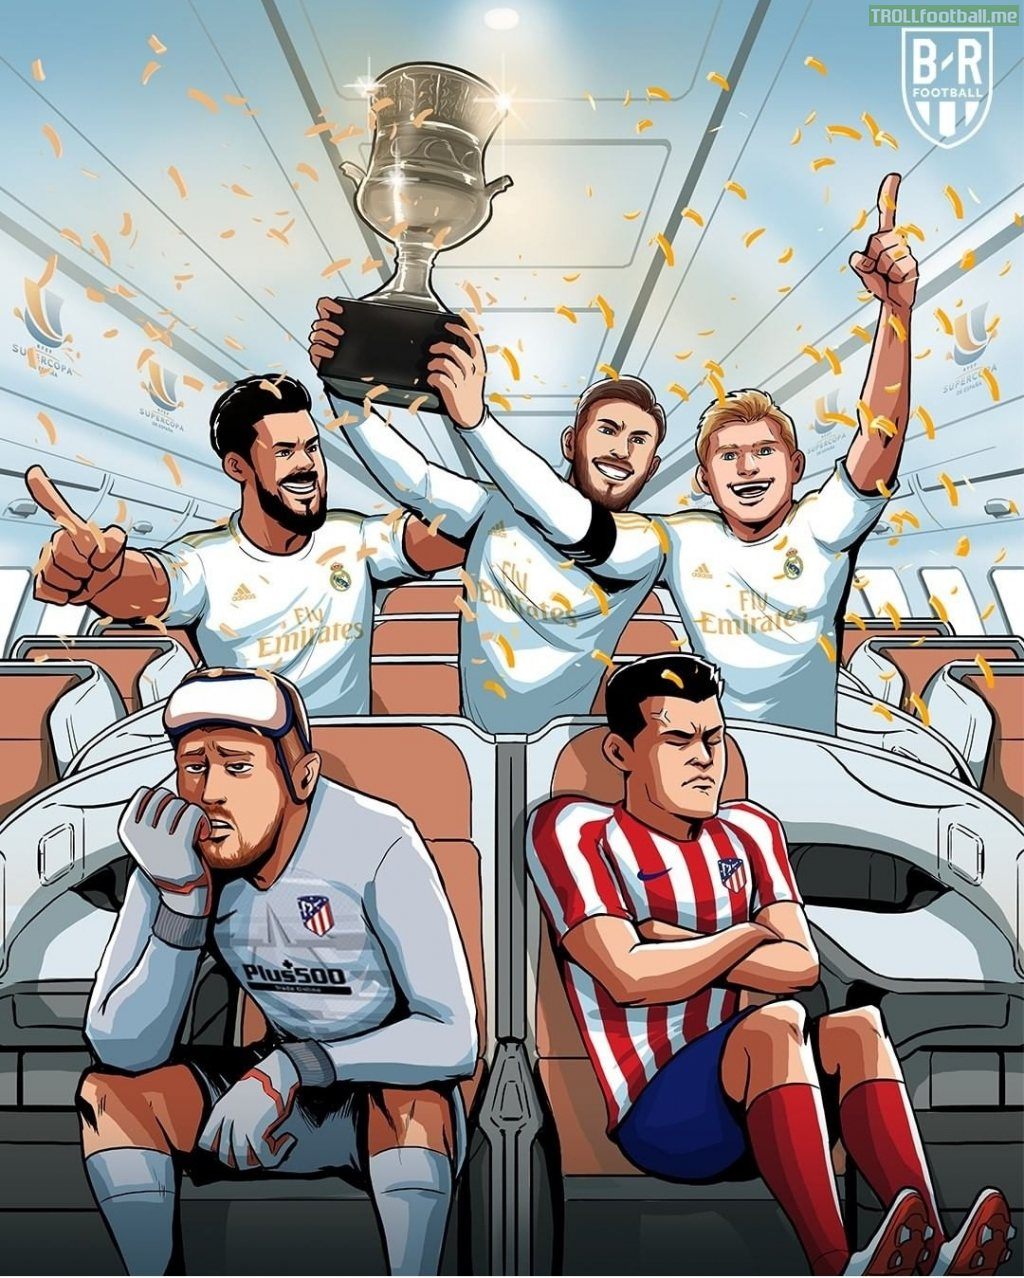 REAL MADRID WIN THE SUPERCOPA DE ESPANA !